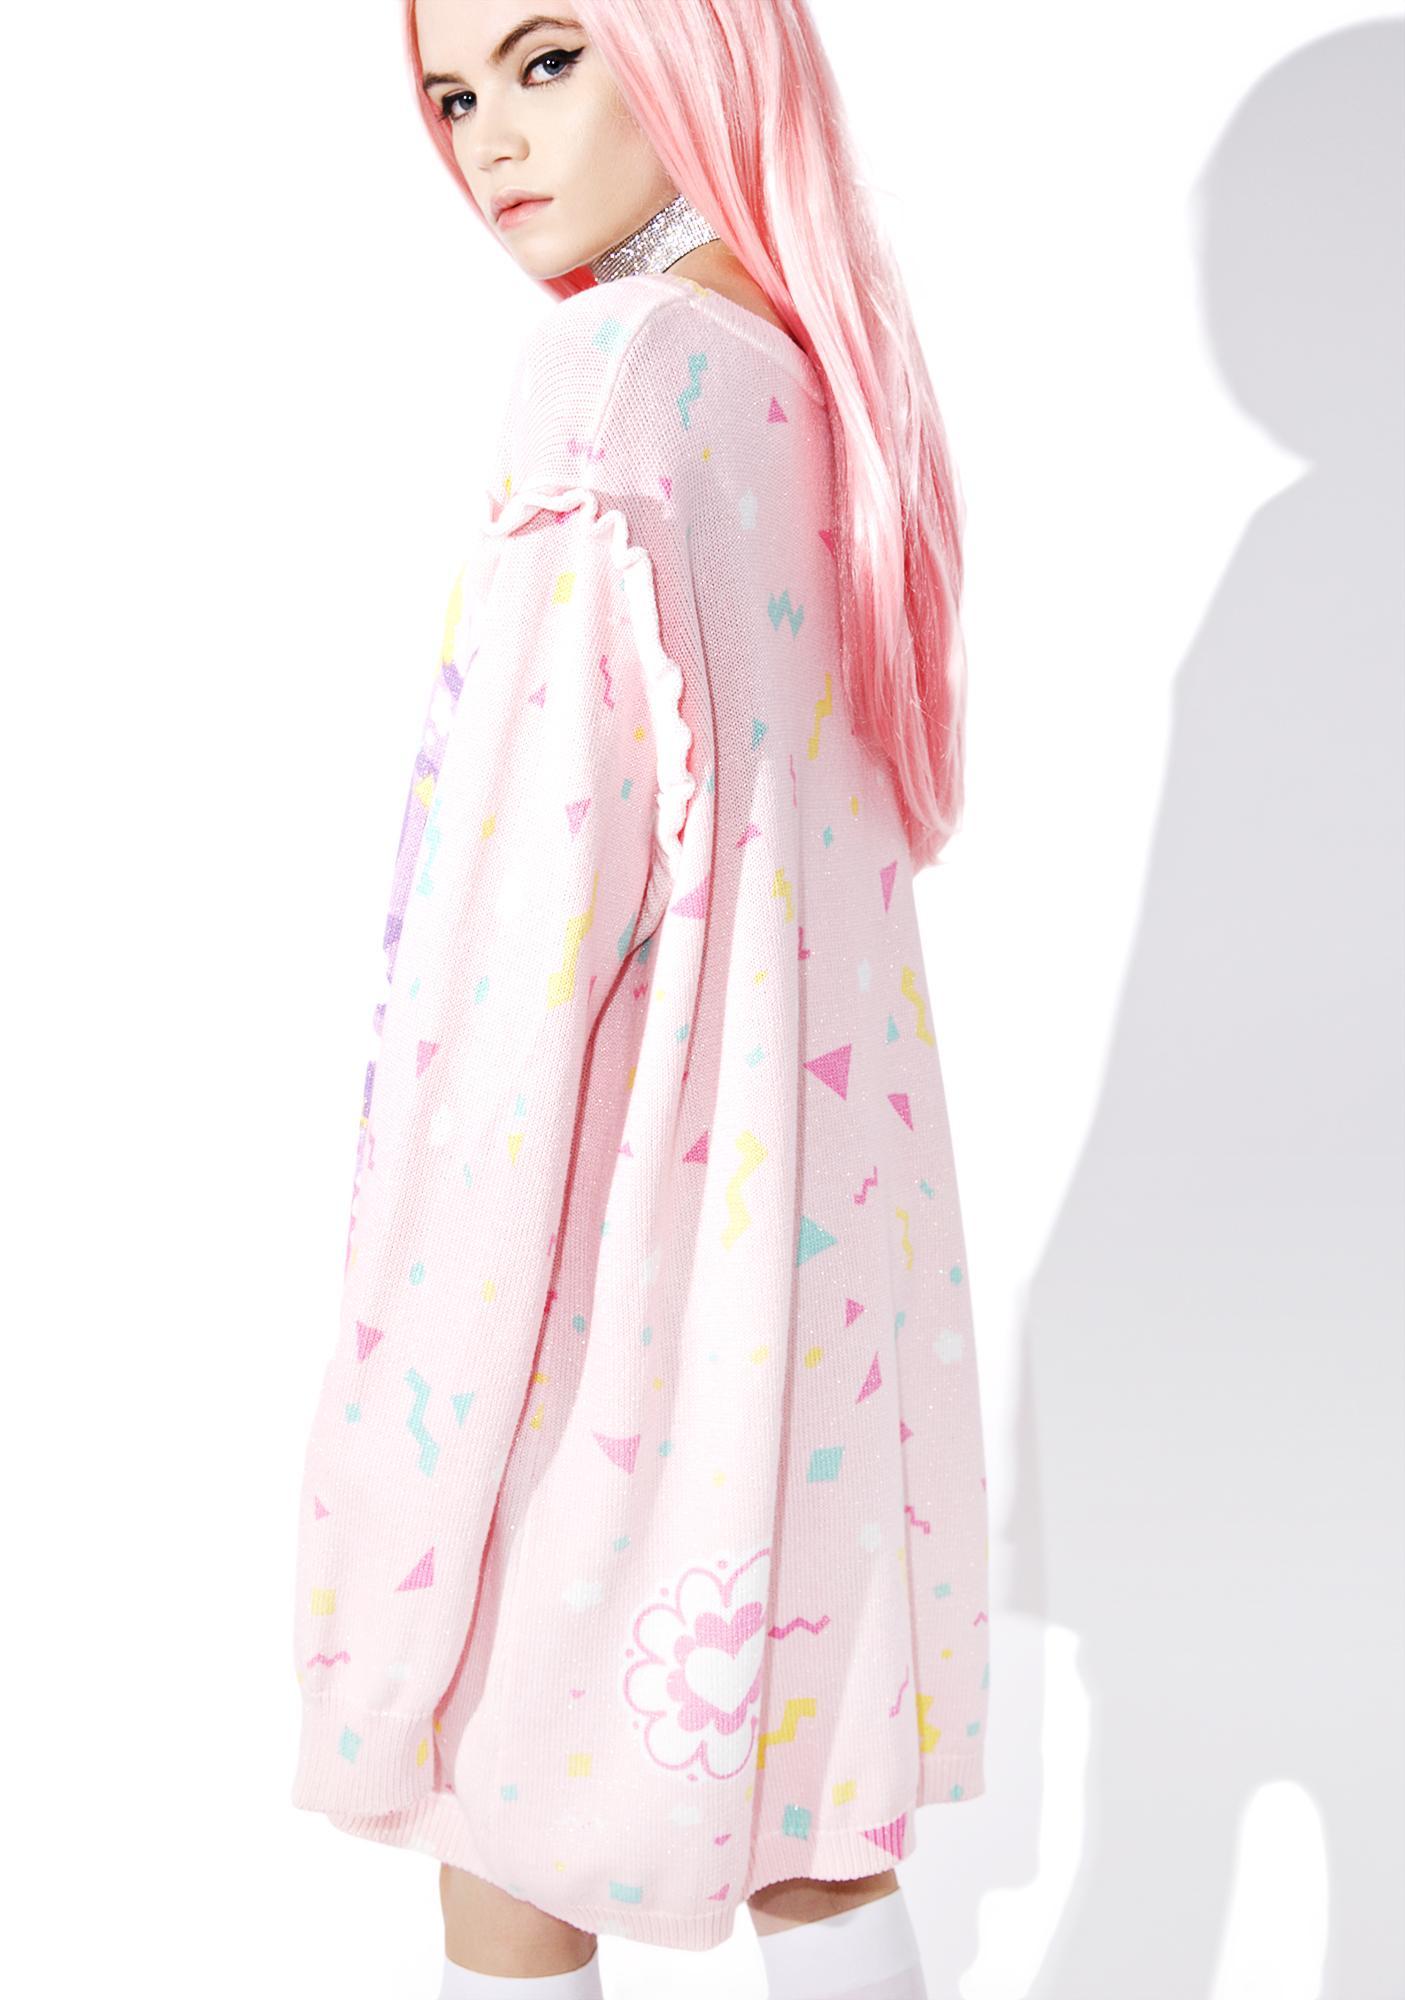 Japan L.A. Miss Kika Sweet Confetti Sparkle Sweater